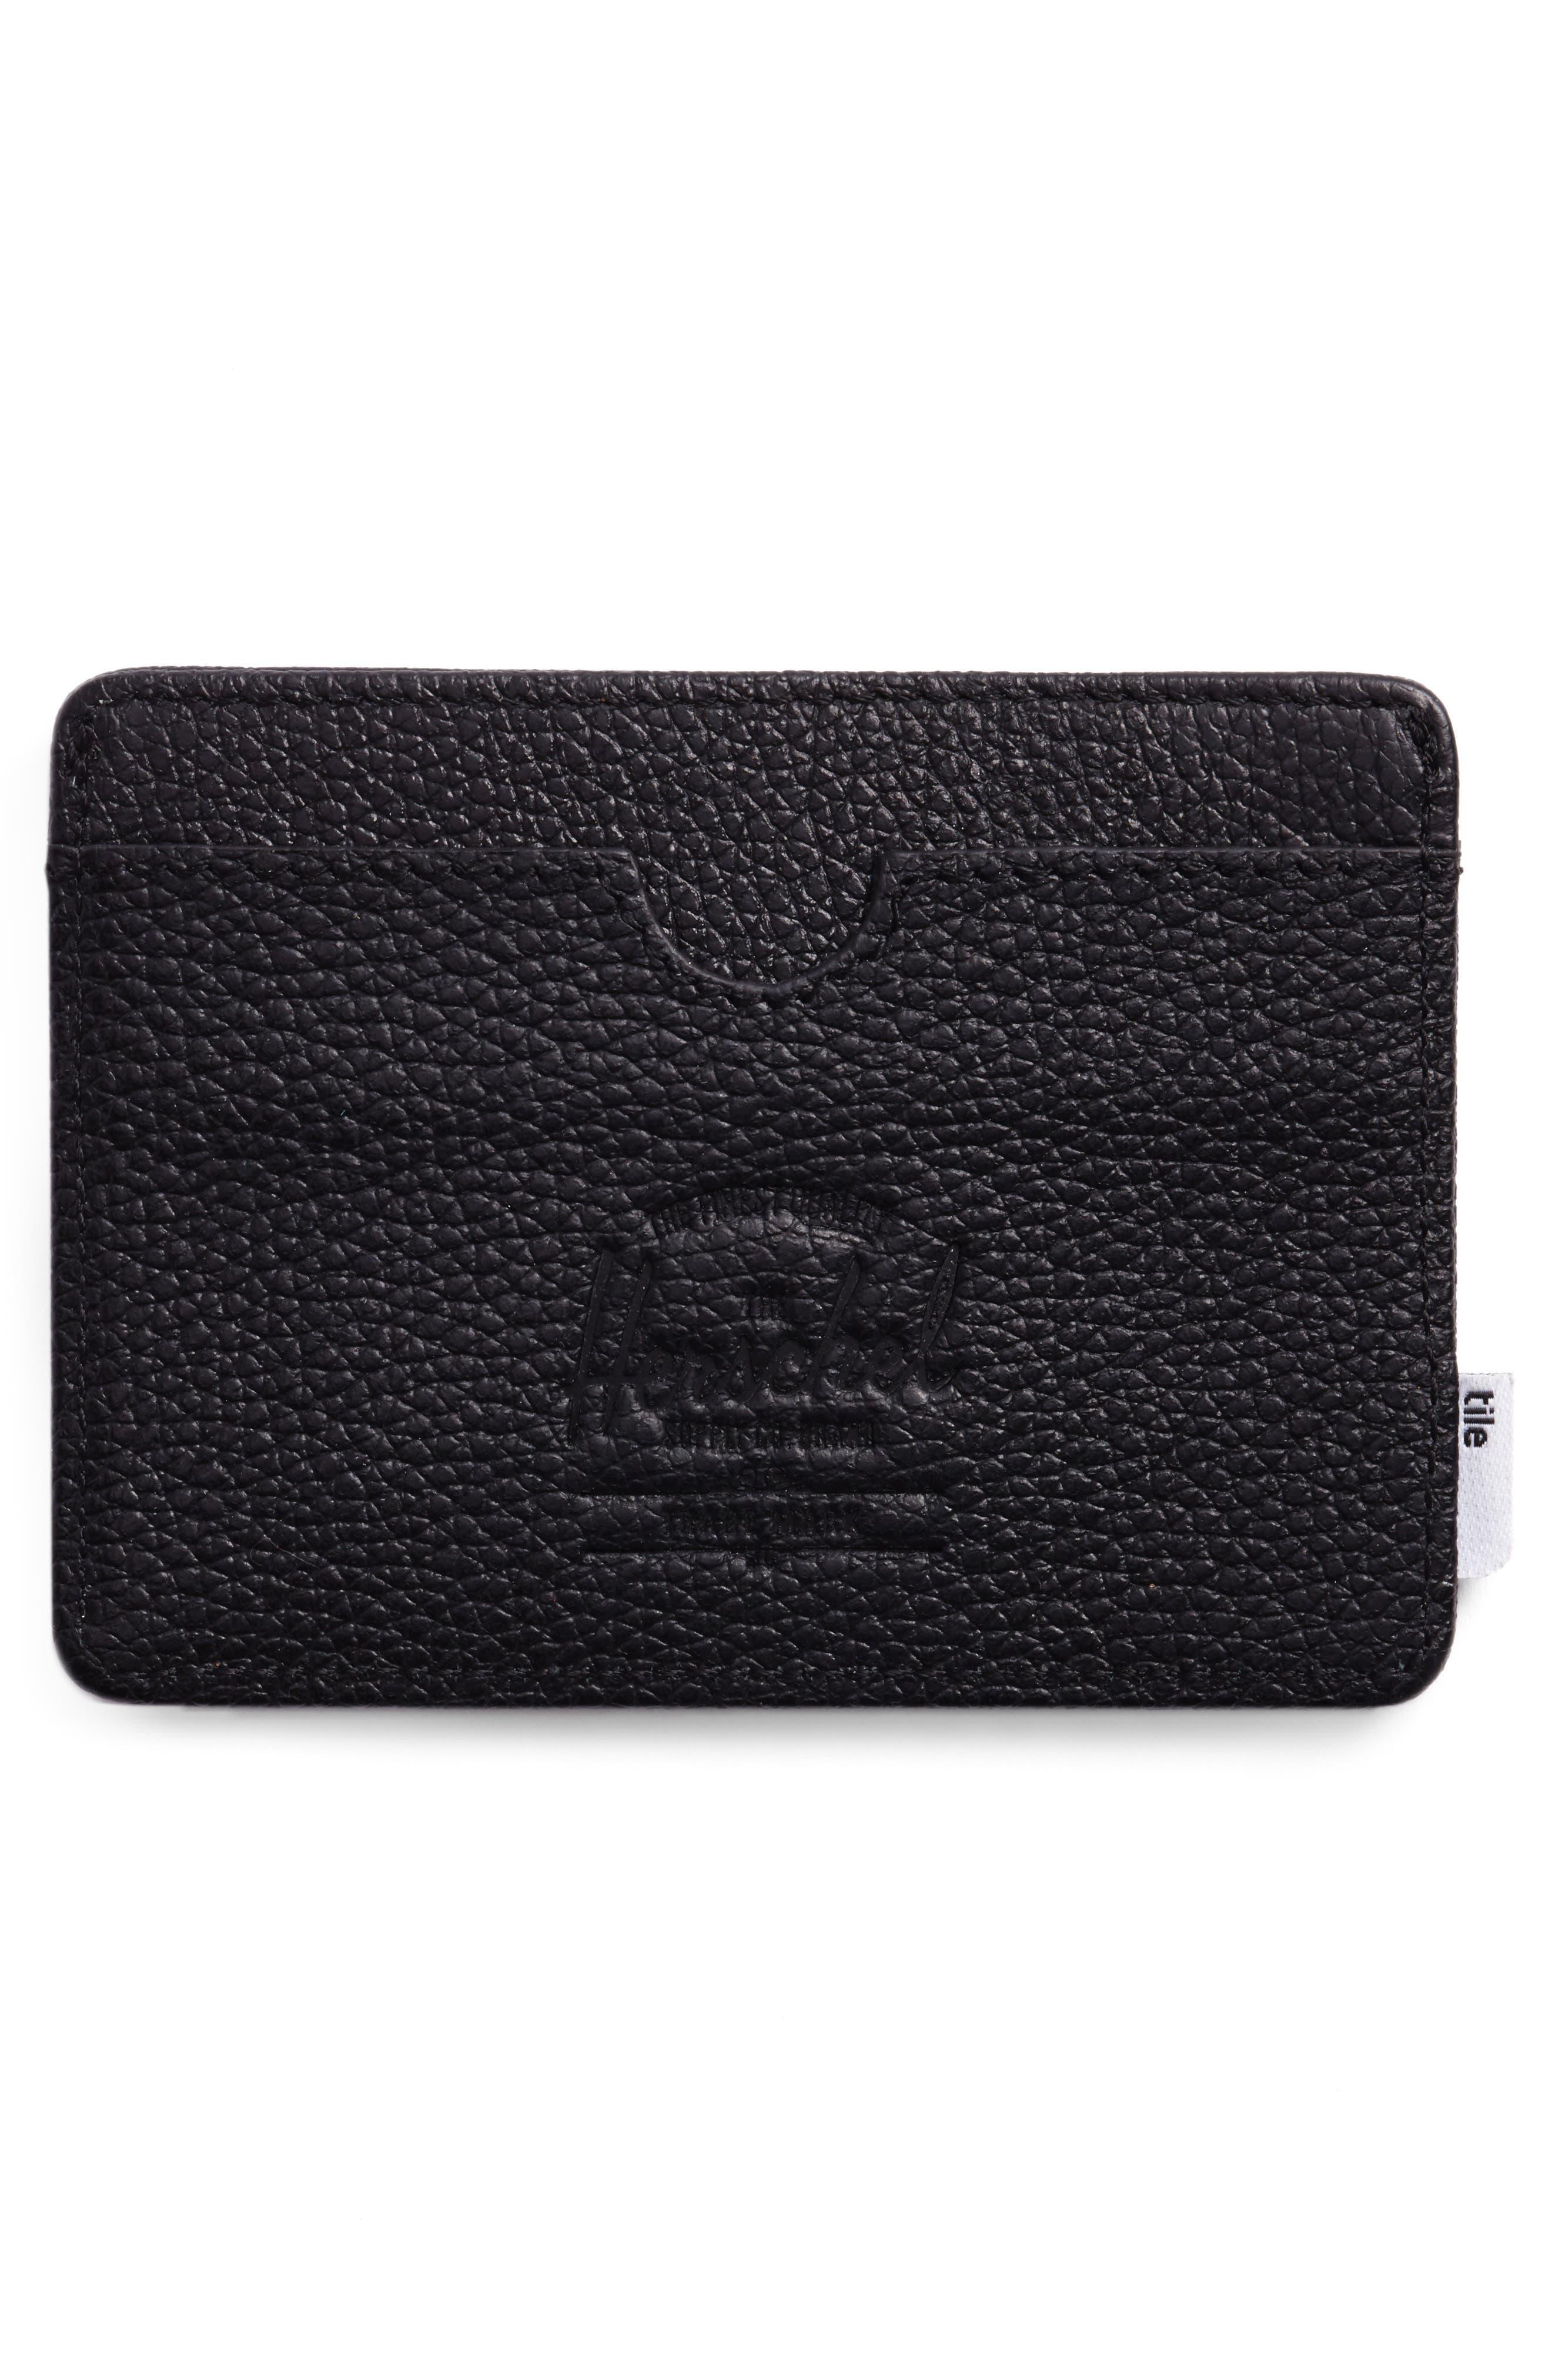 Alternate Image 1 Selected - Herschel Supply Co. Tile Slim Charlie Leather Card Case